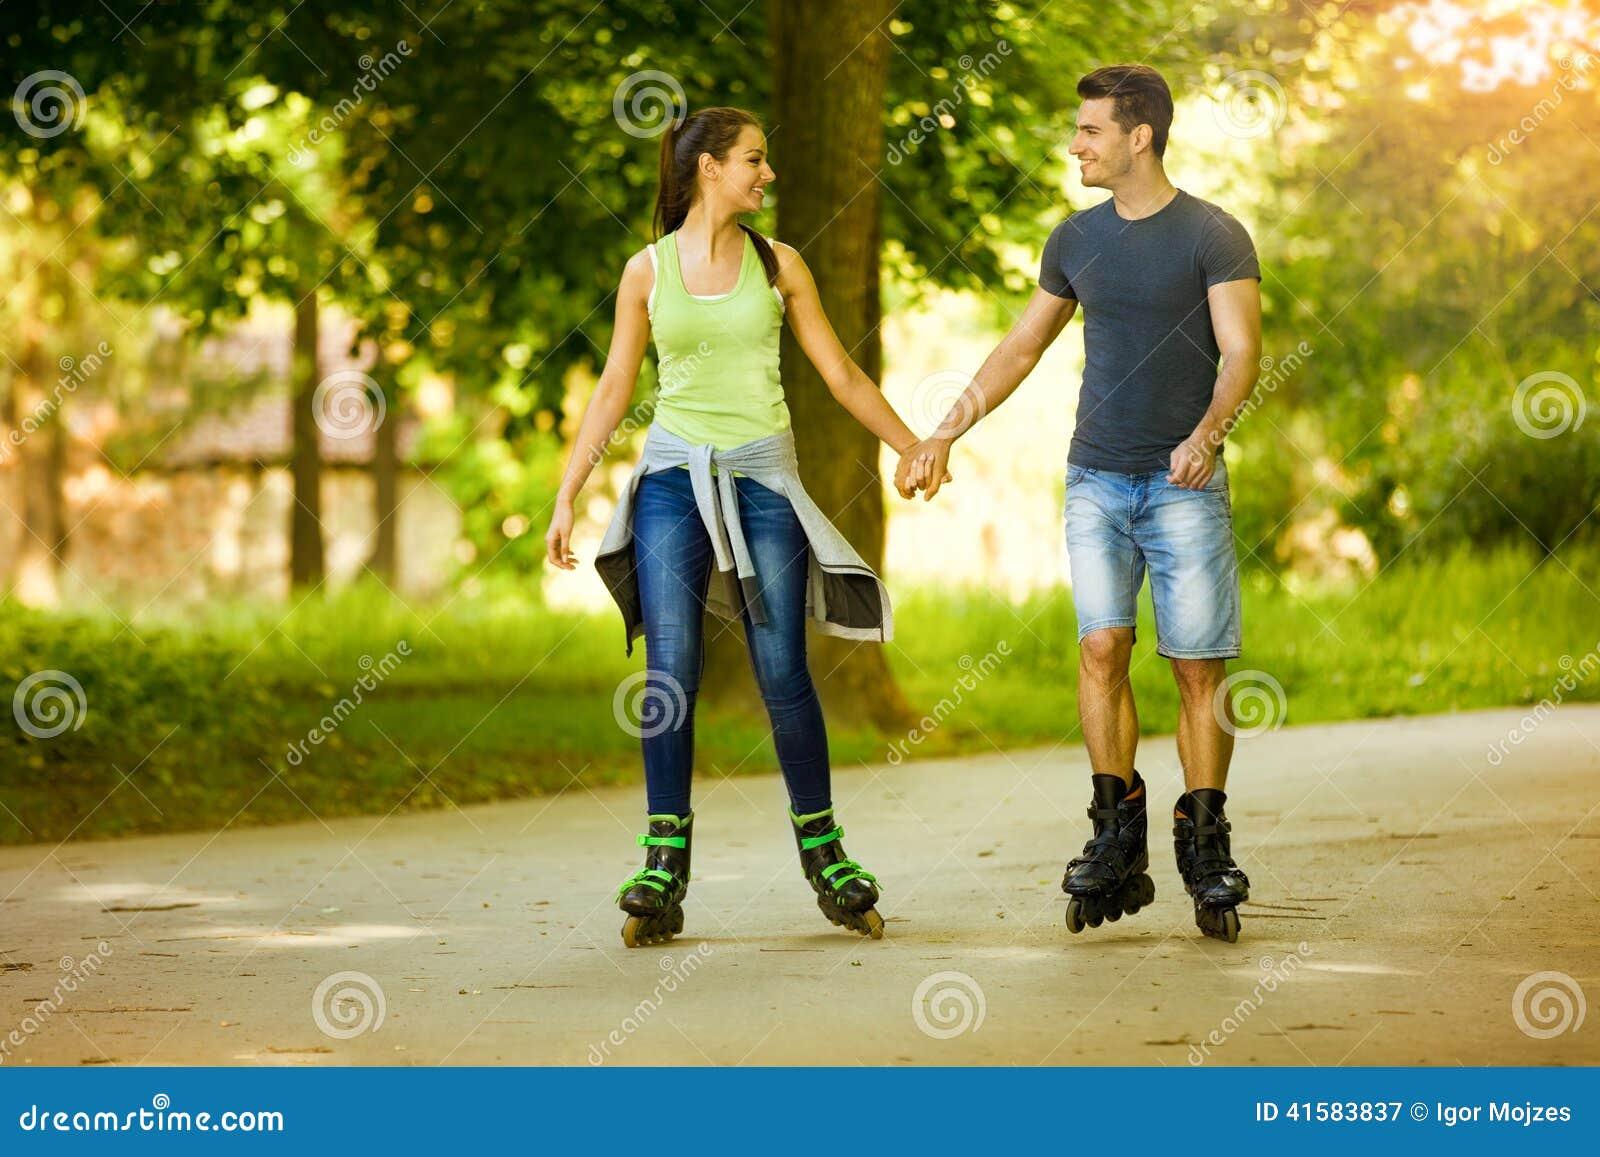 Szczęście pary łyżwiarstwo